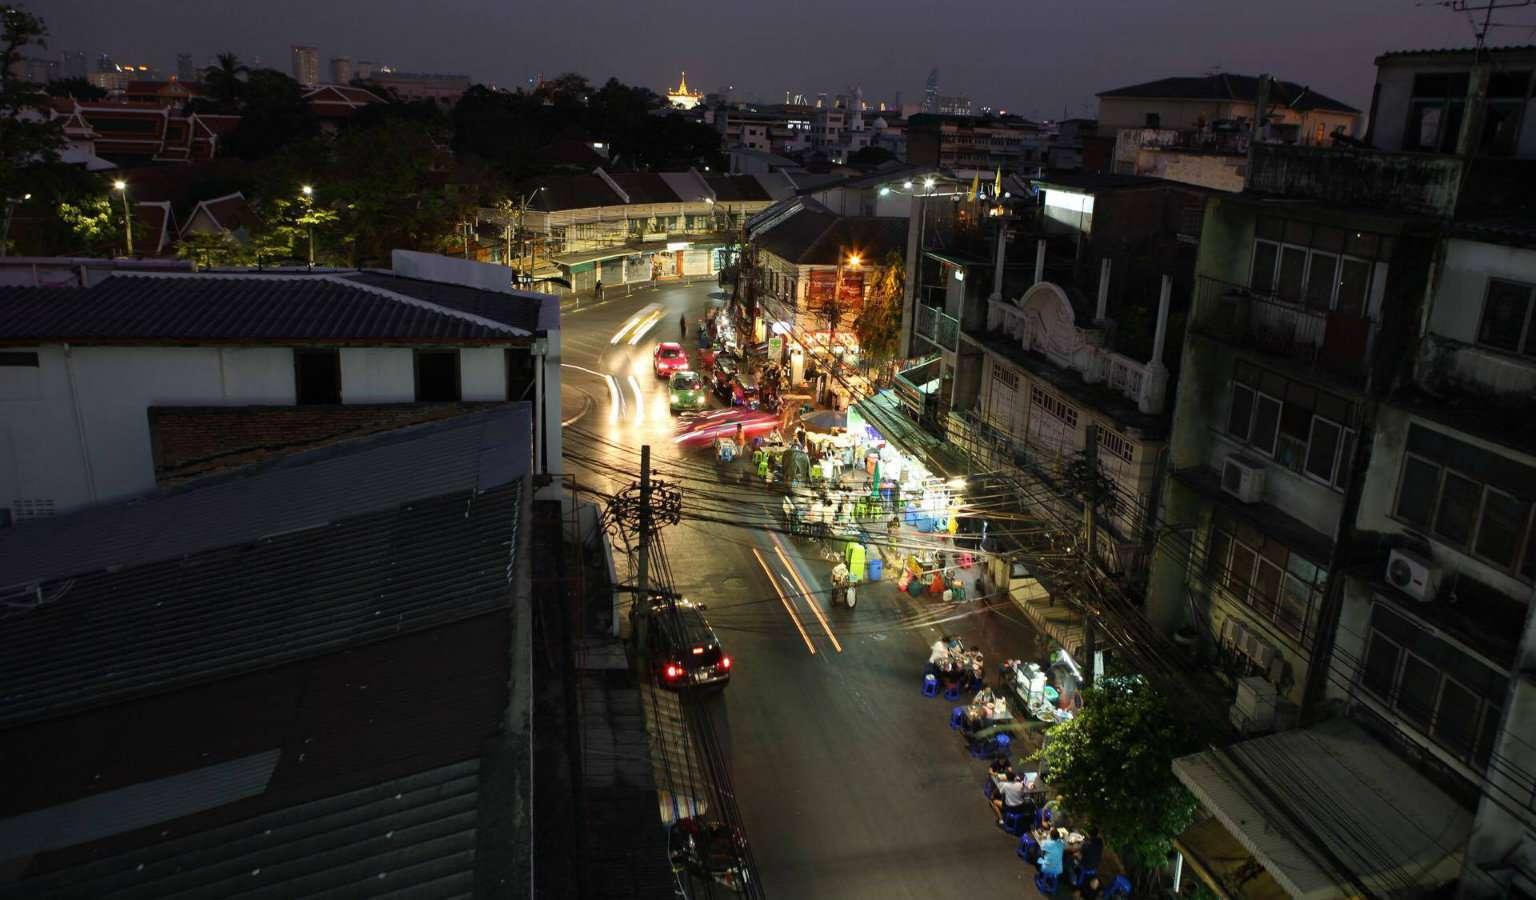 Uitzicht op de Wat Saket (Golden Mount) vanaf At-Mosphere Rooftop Cafe in Bangkok, Thailand